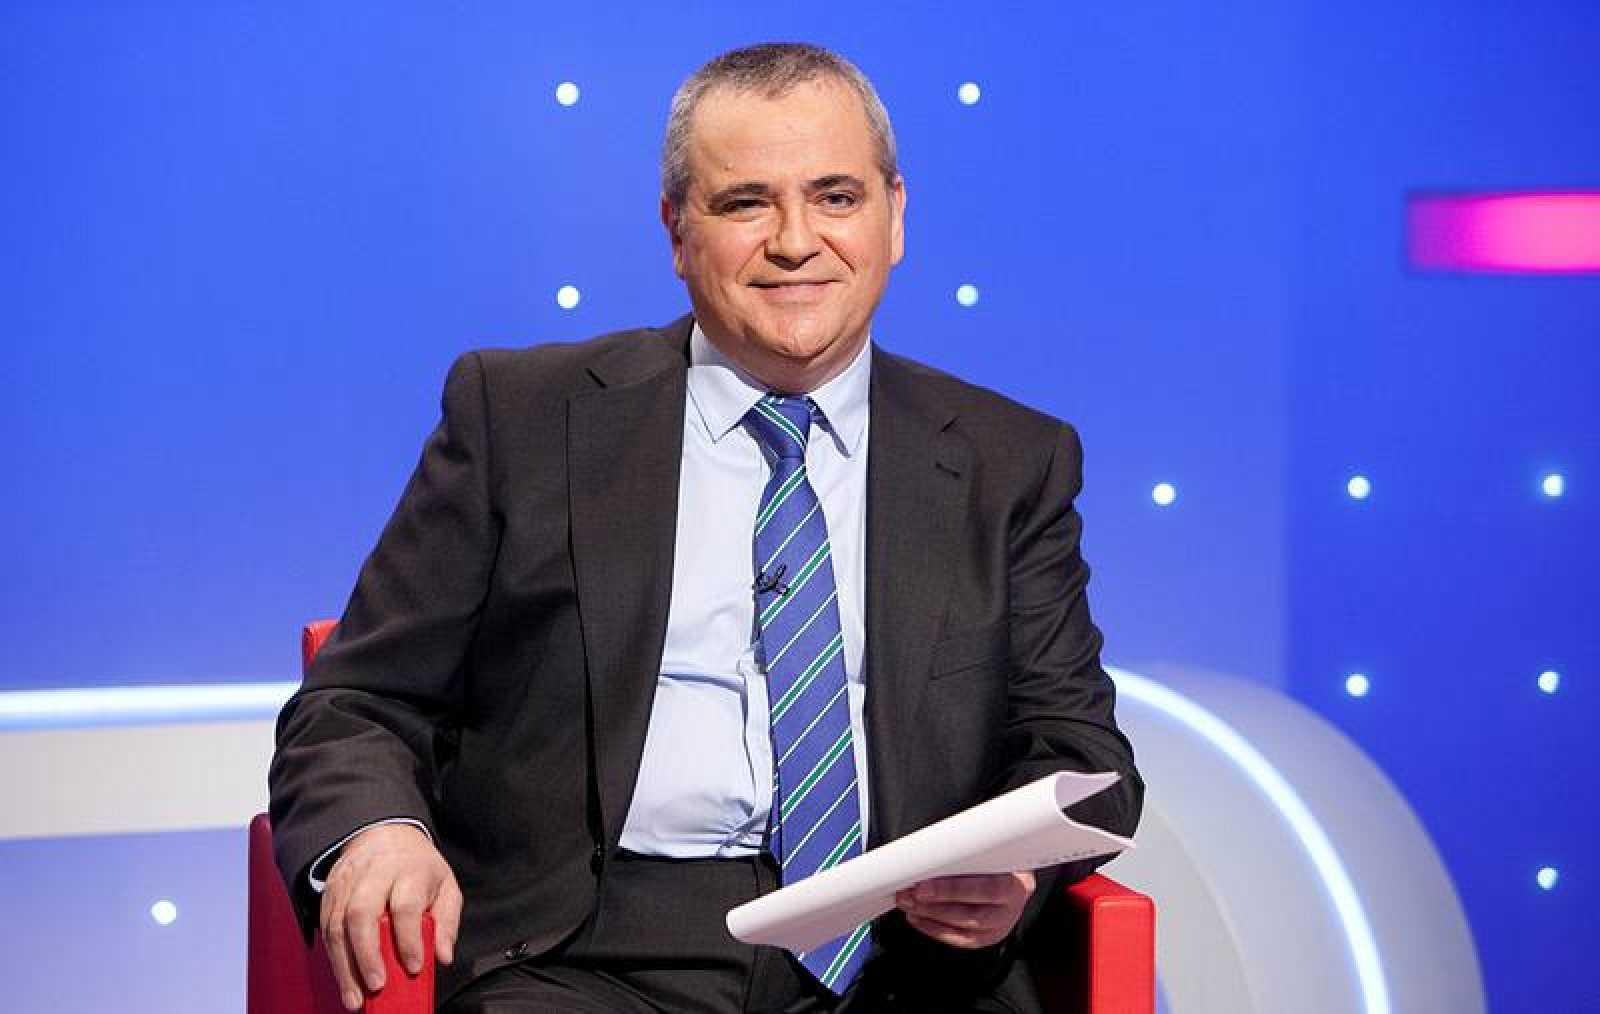 Juanma Romero, director y presentador de 'Emprende' en 24 Horas, premiado por su compromiso con la innovación